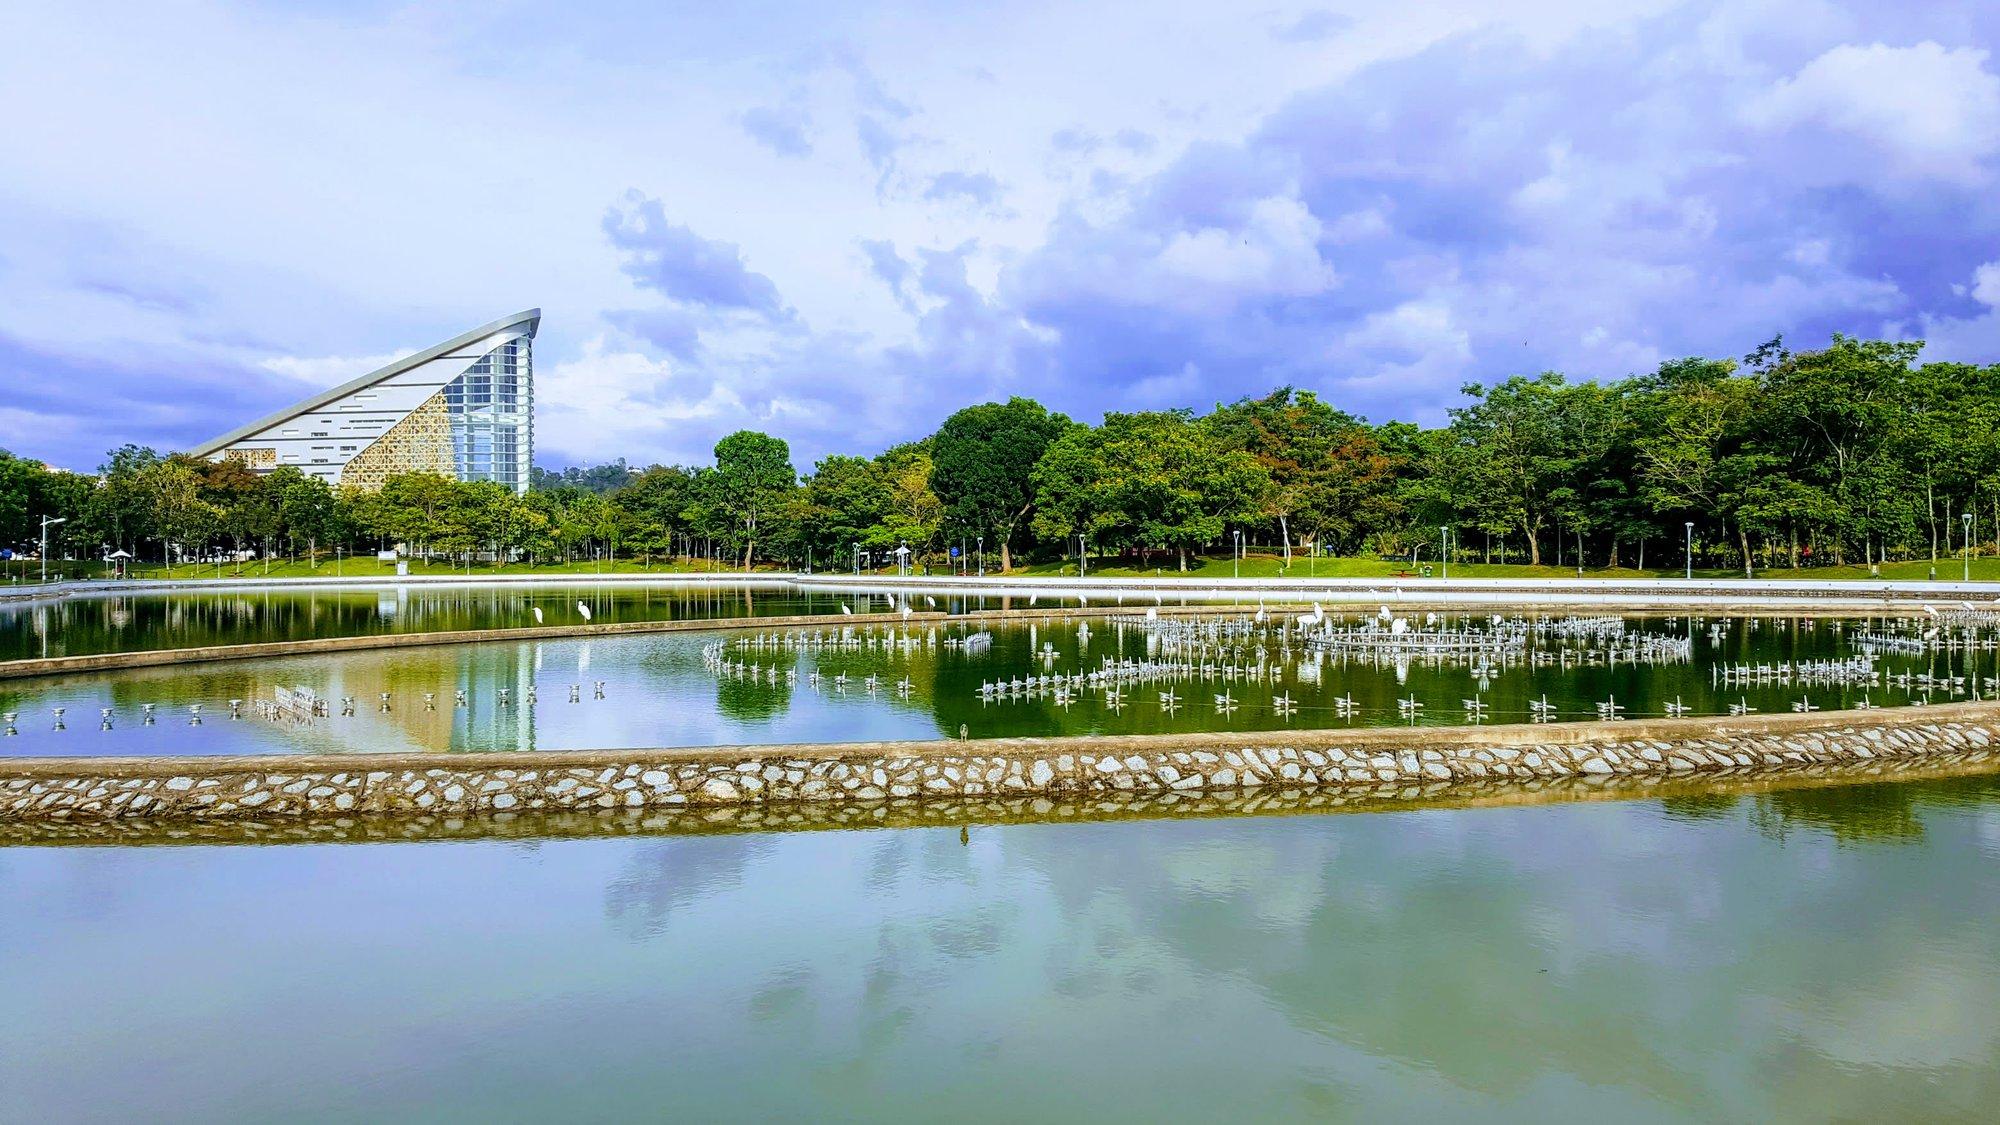 Perdana Park – место отдыха с фонтаном, который сейчас не работает